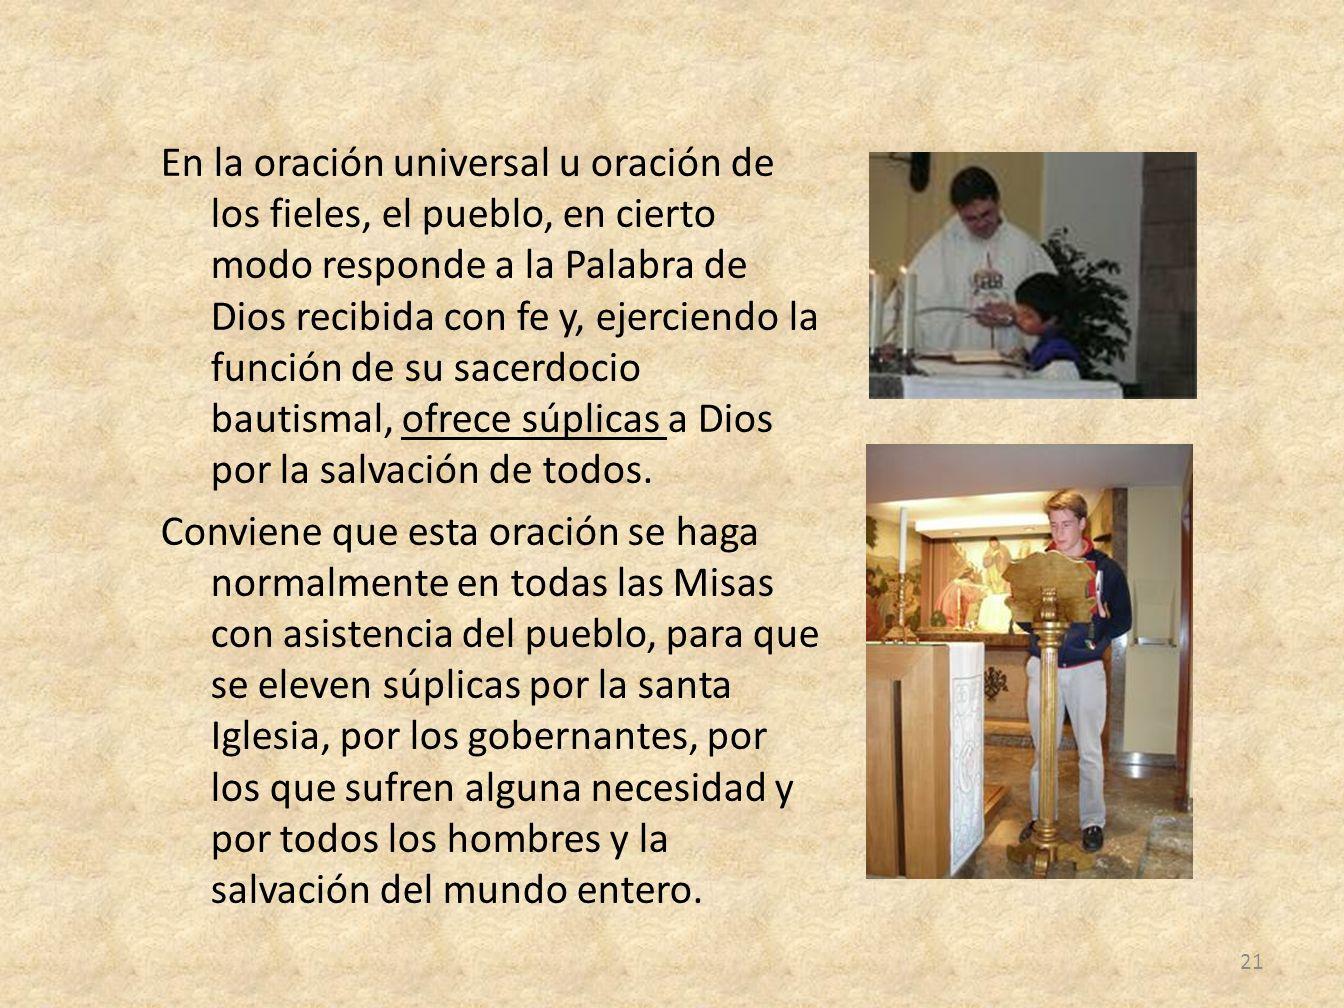 En la oración universal u oración de los fieles, el pueblo, en cierto modo responde a la Palabra de Dios recibida con fe y, ejerciendo la función de su sacerdocio bautismal, ofrece súplicas a Dios por la salvación de todos.